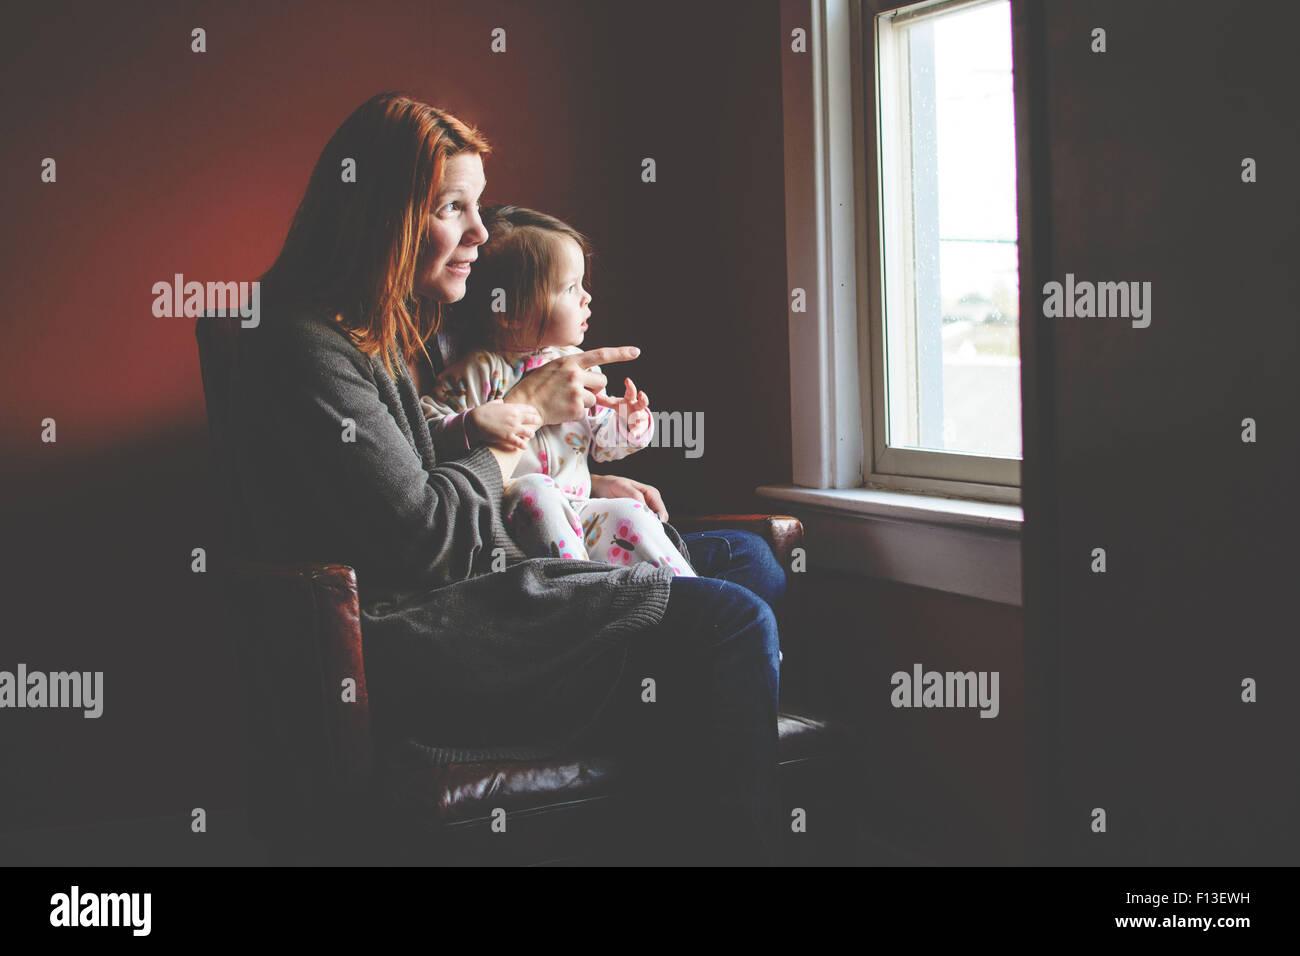 Baby ragazza seduta sulla sua madre giro, guardando fuori dalla finestra Immagini Stock